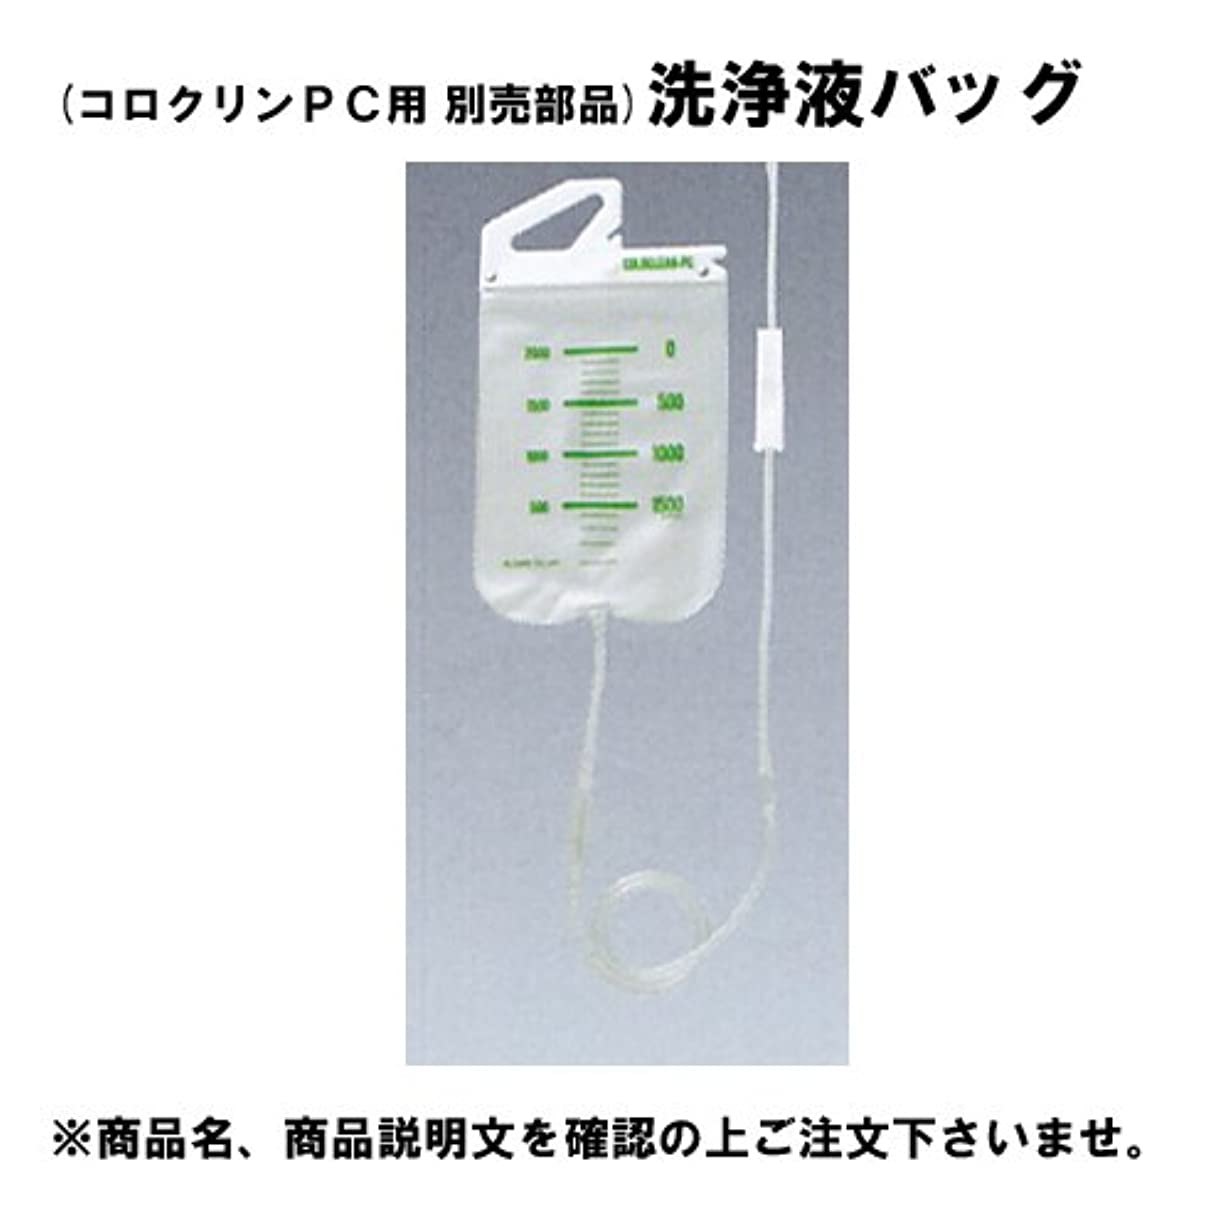 ブロックコンパクトギャラントリー〔アルケア〕コロクリンPC用部品 洗浄液バッグ 容量2000ml(ロールクランプ付)×1個入〔品番:13411〕